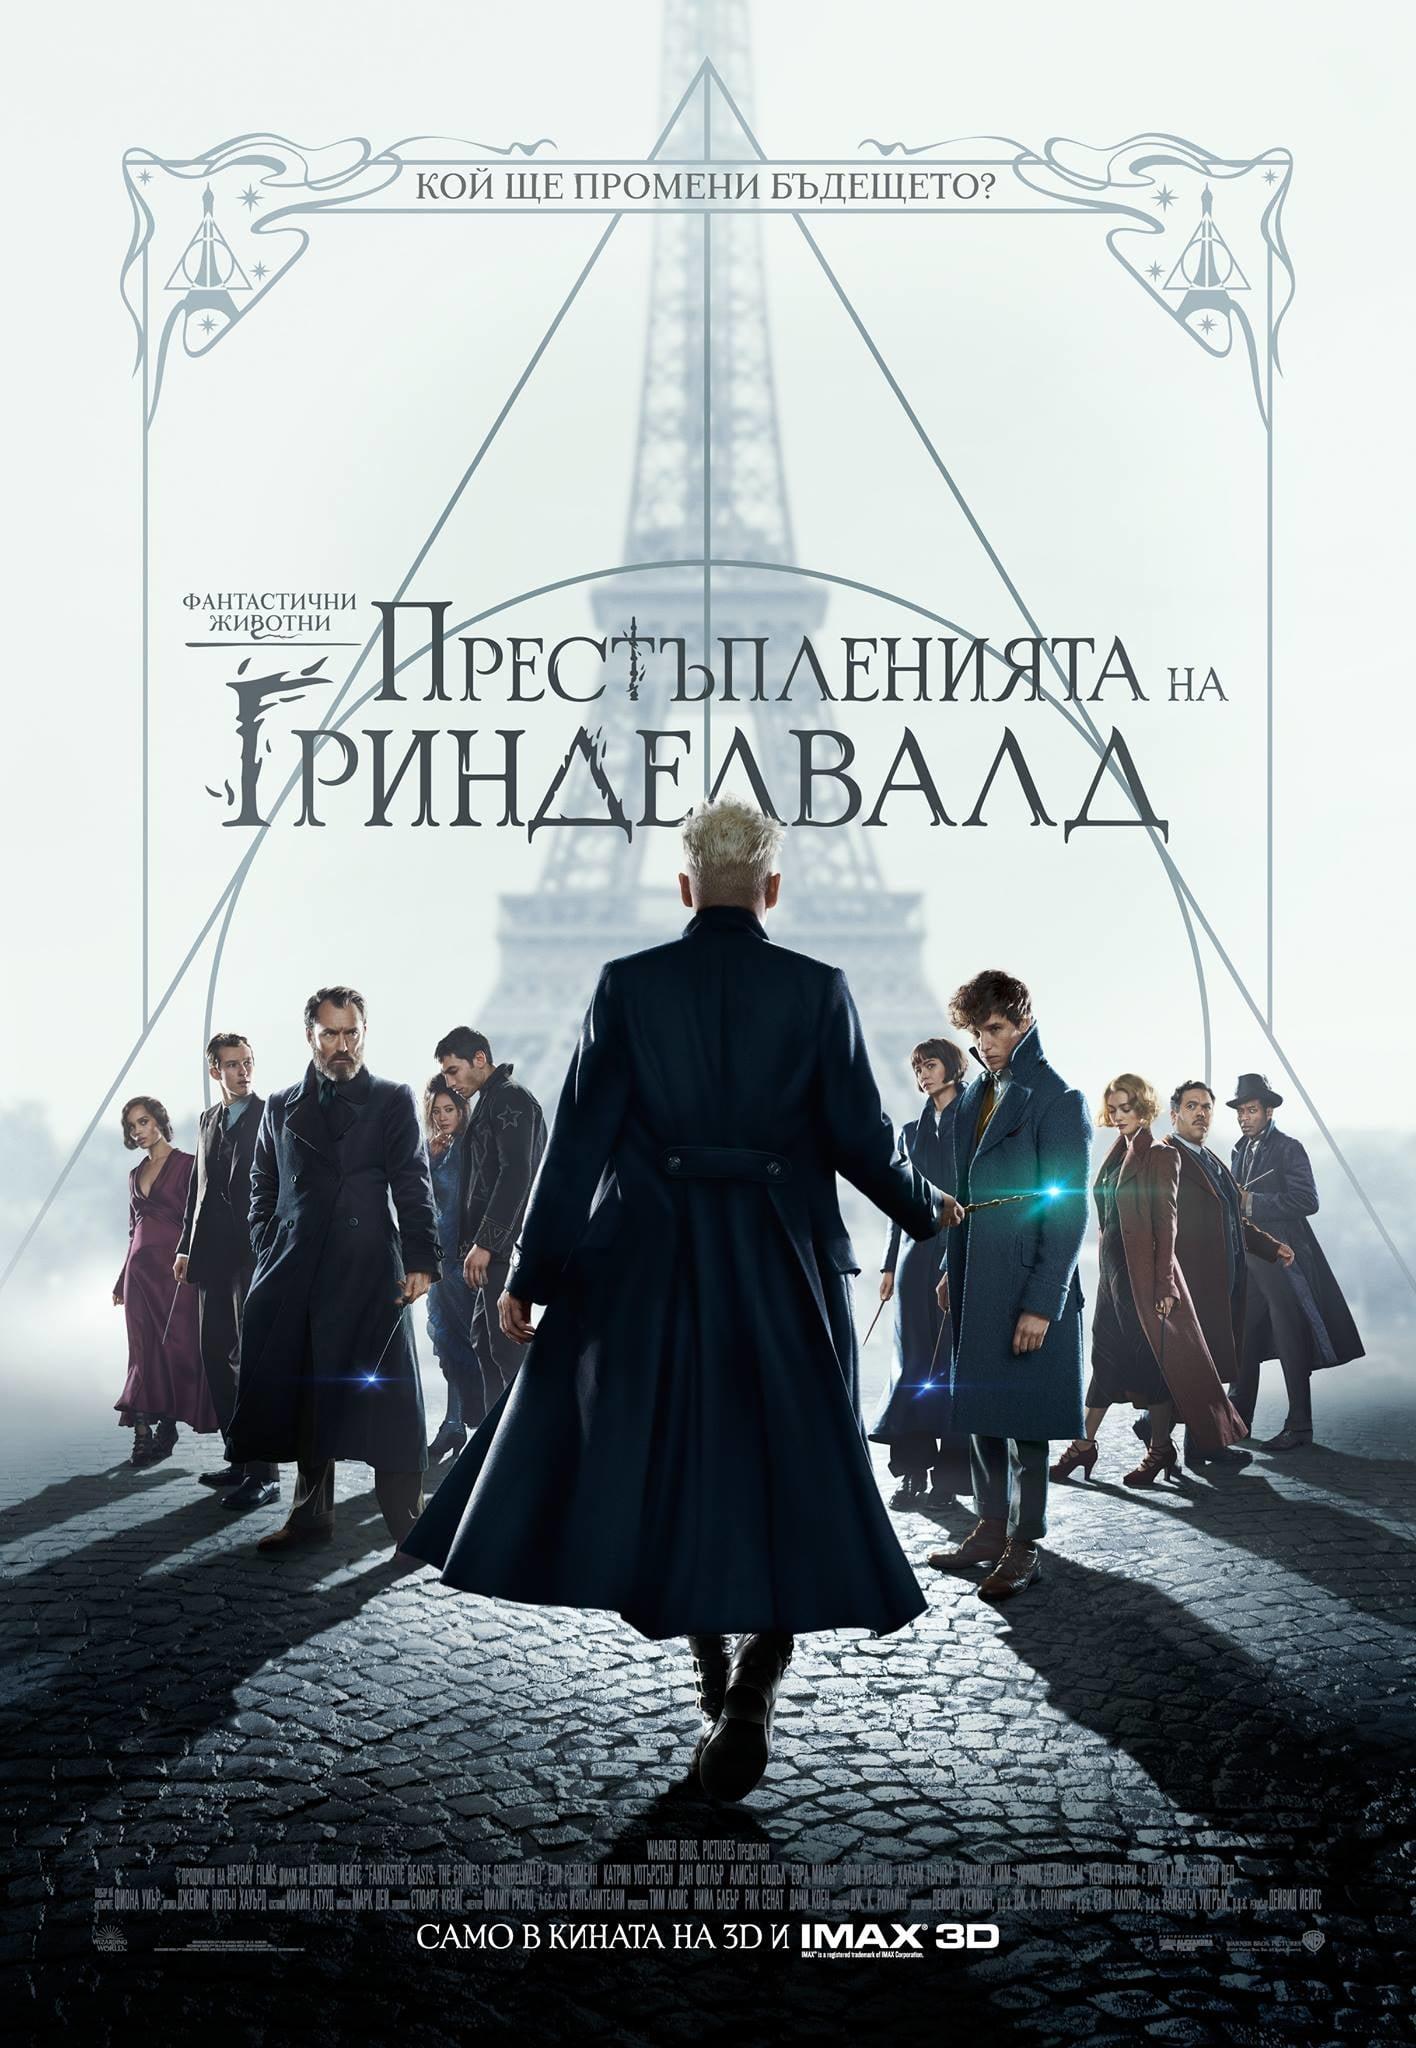 Fantastic Beasts II : The Crimes of Grindelwald / Фантастични животни 2 : Престъпленията на Гринделвалд (2018)